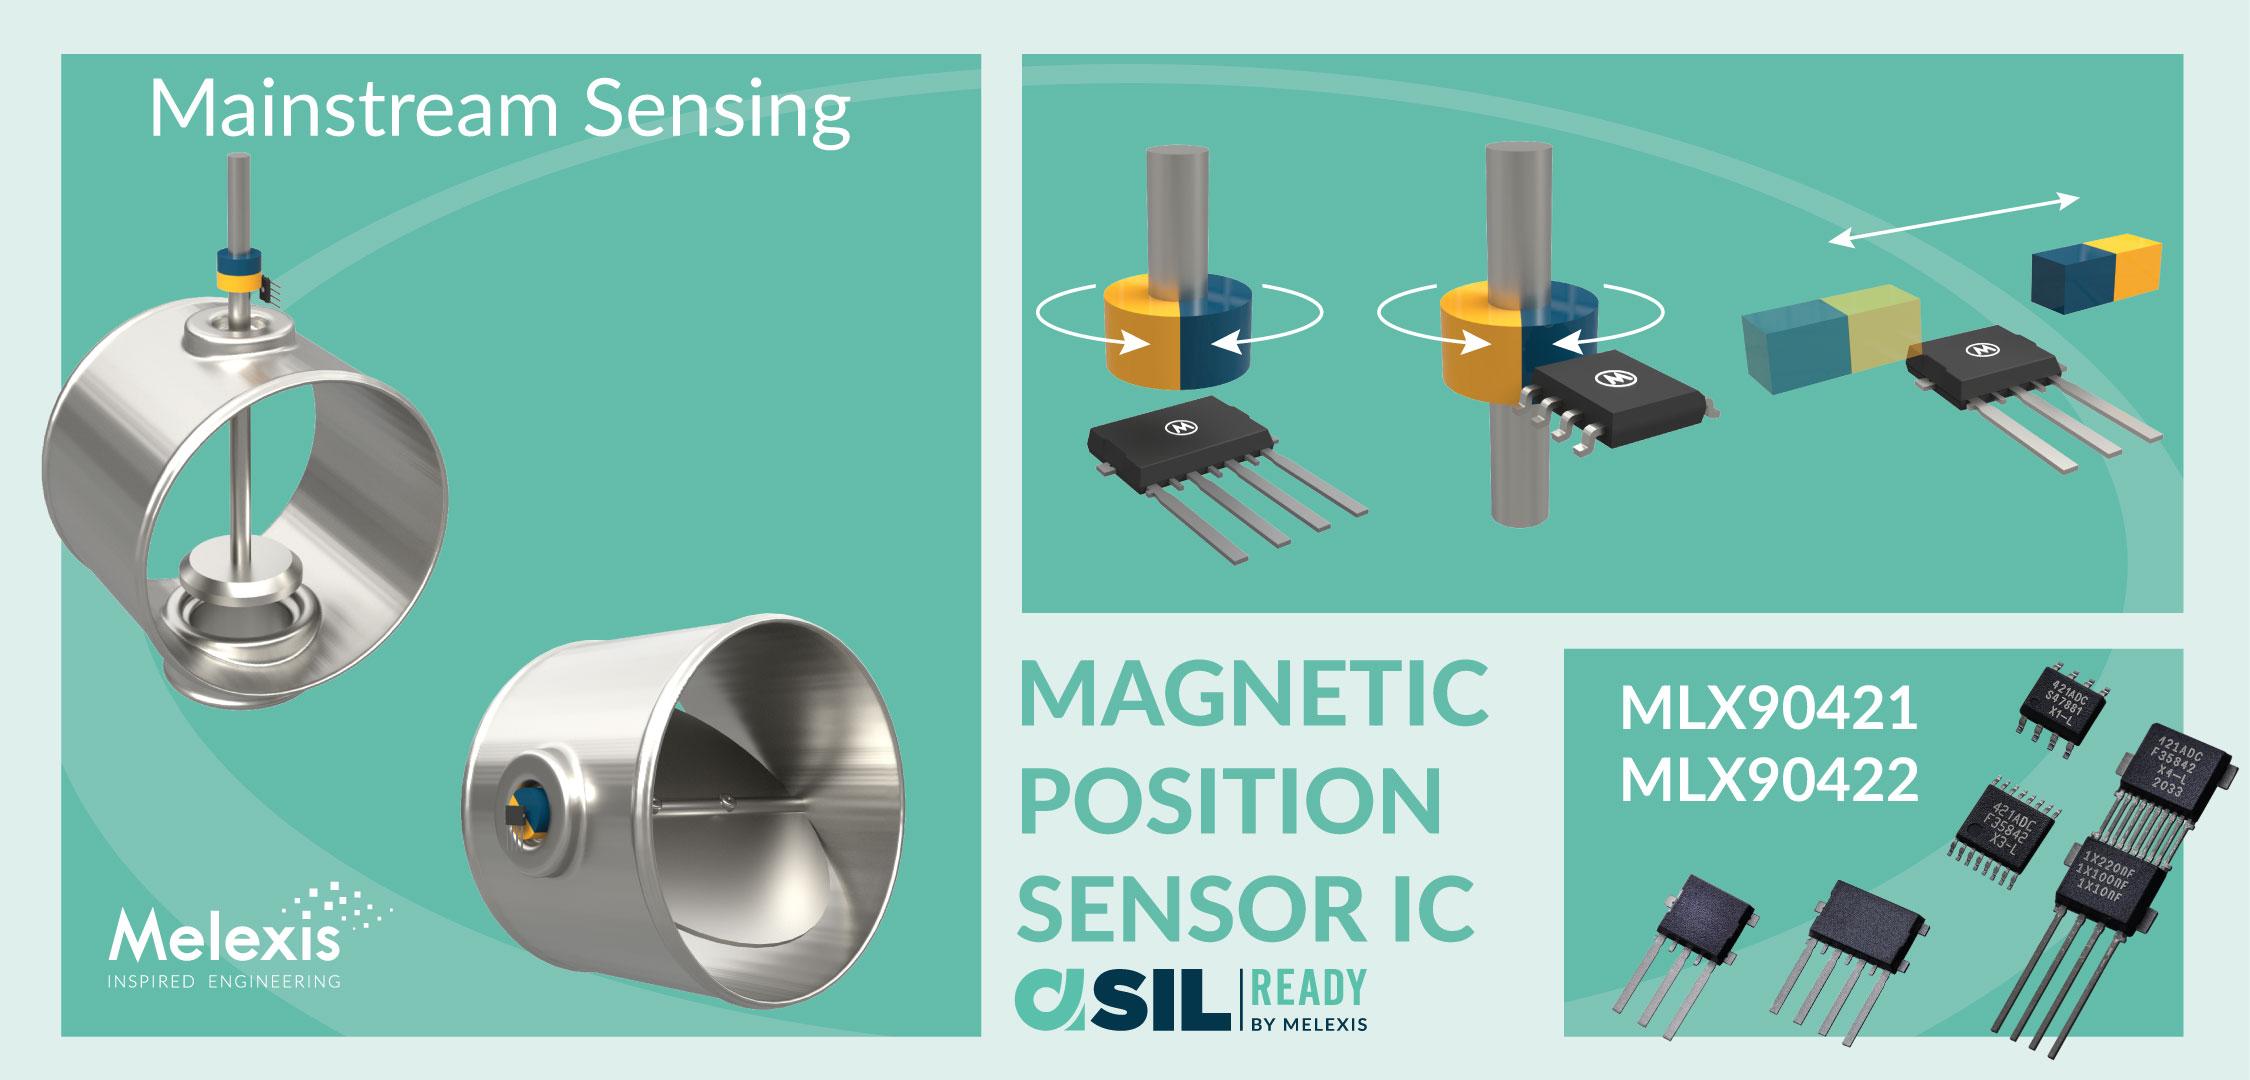 Melexis 推出新款磁位置传感器芯片,荣获 AEC-Q100 认证并支持 ASIL-B 功能安全等级